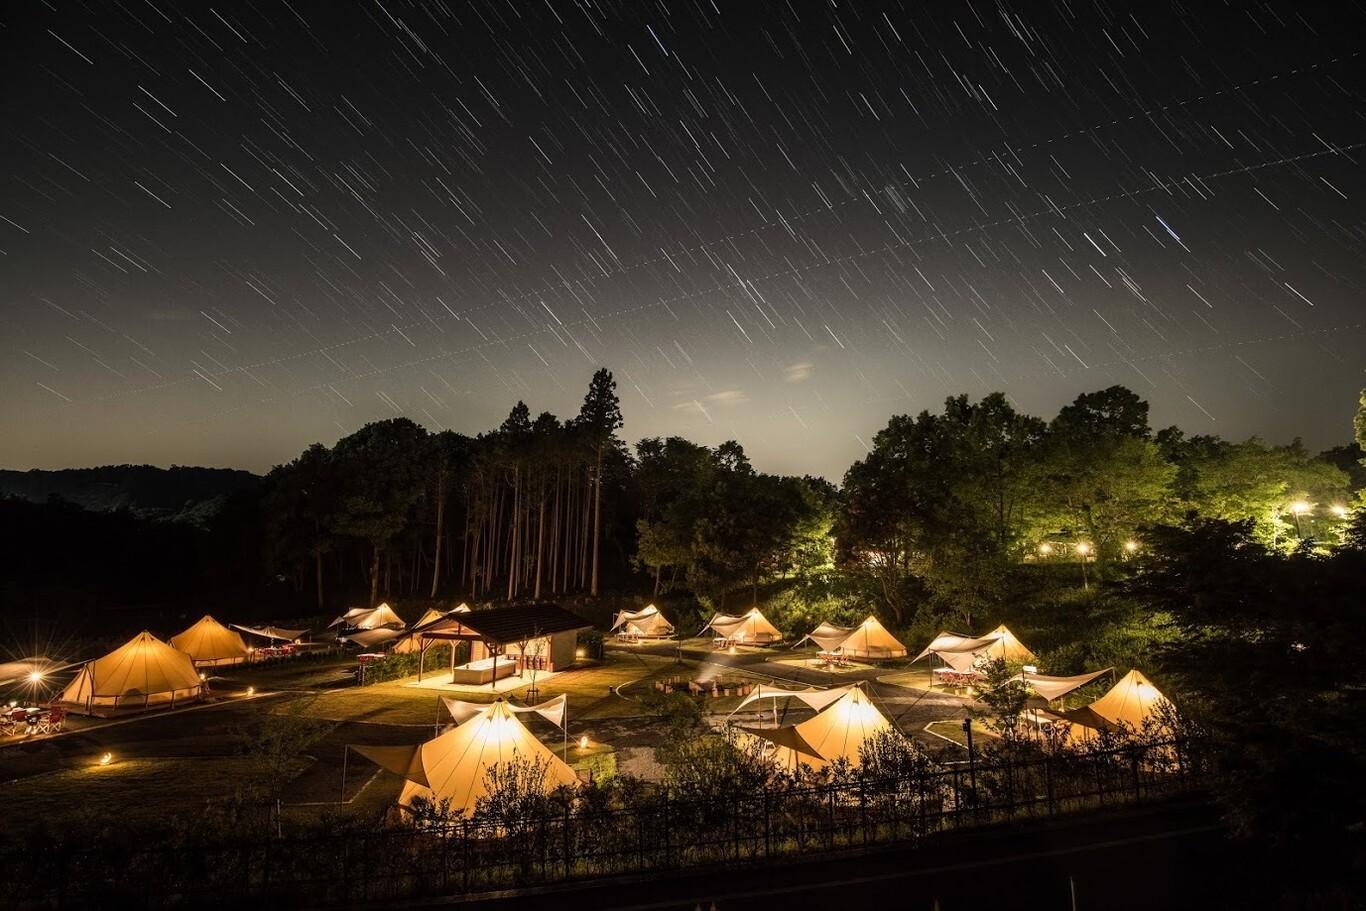 関東,キャンプ,おすすめ,キャンプ場,川,画像